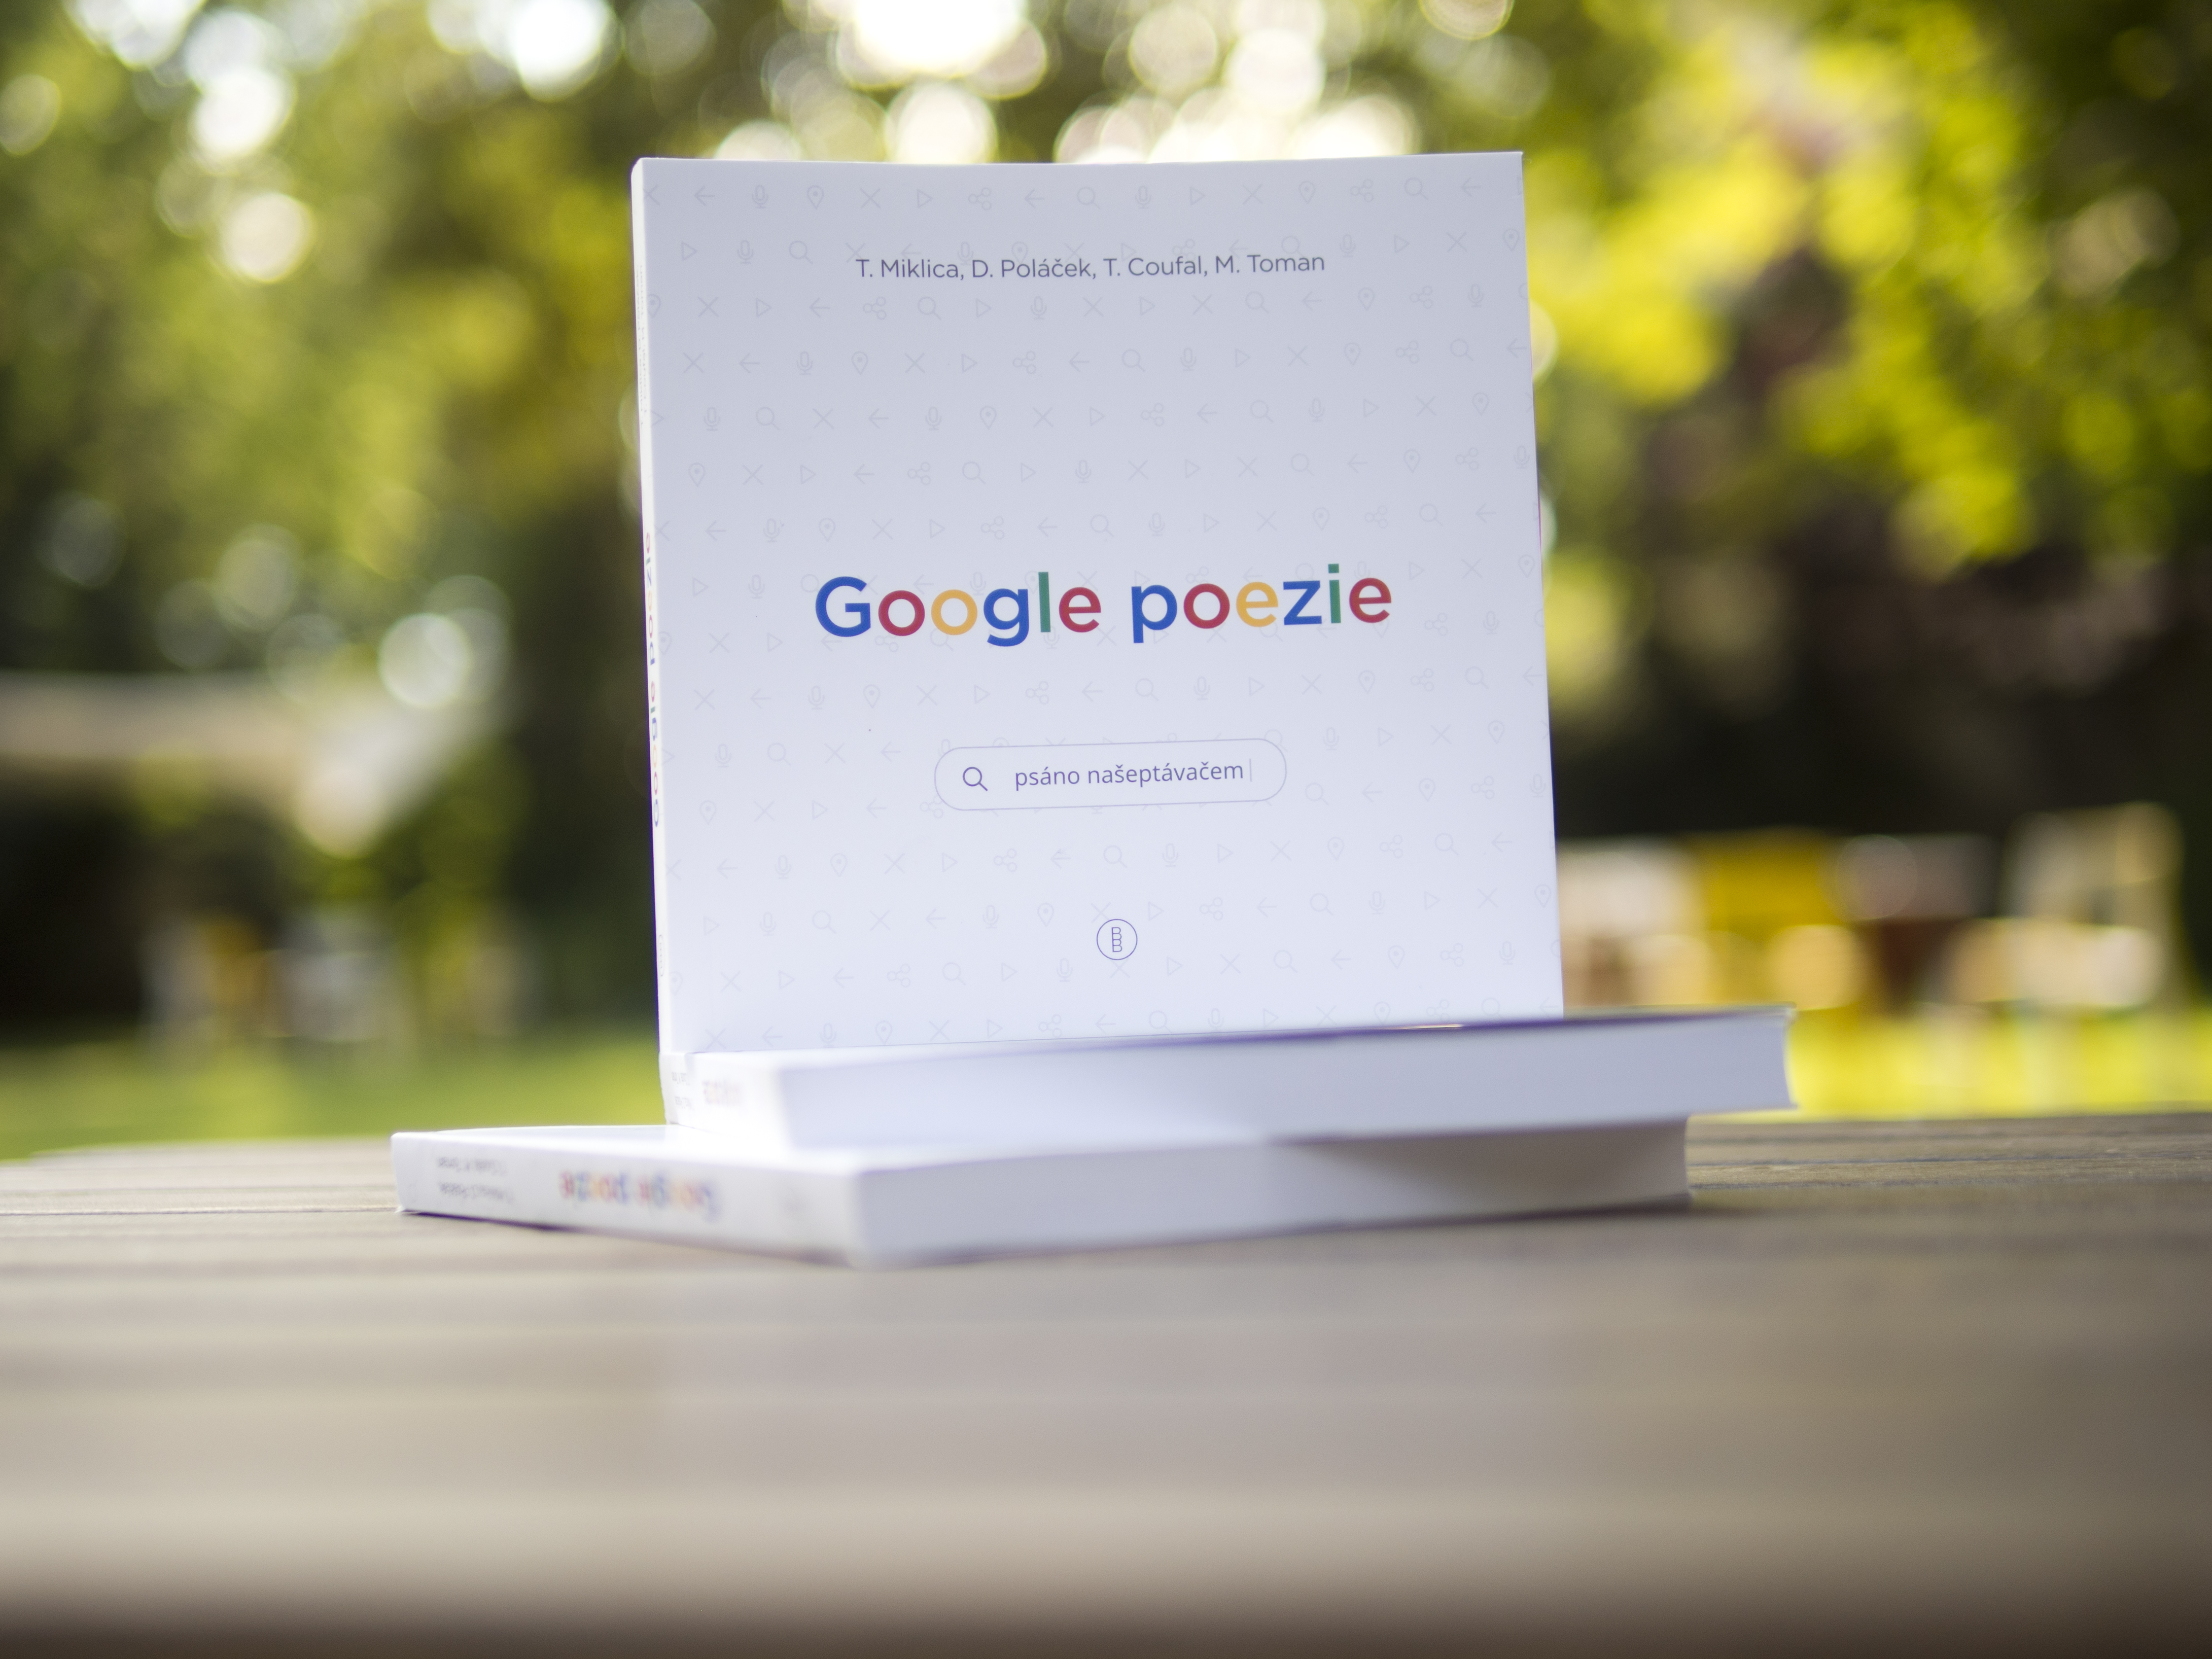 Google poezie: Psáno našeptávačem